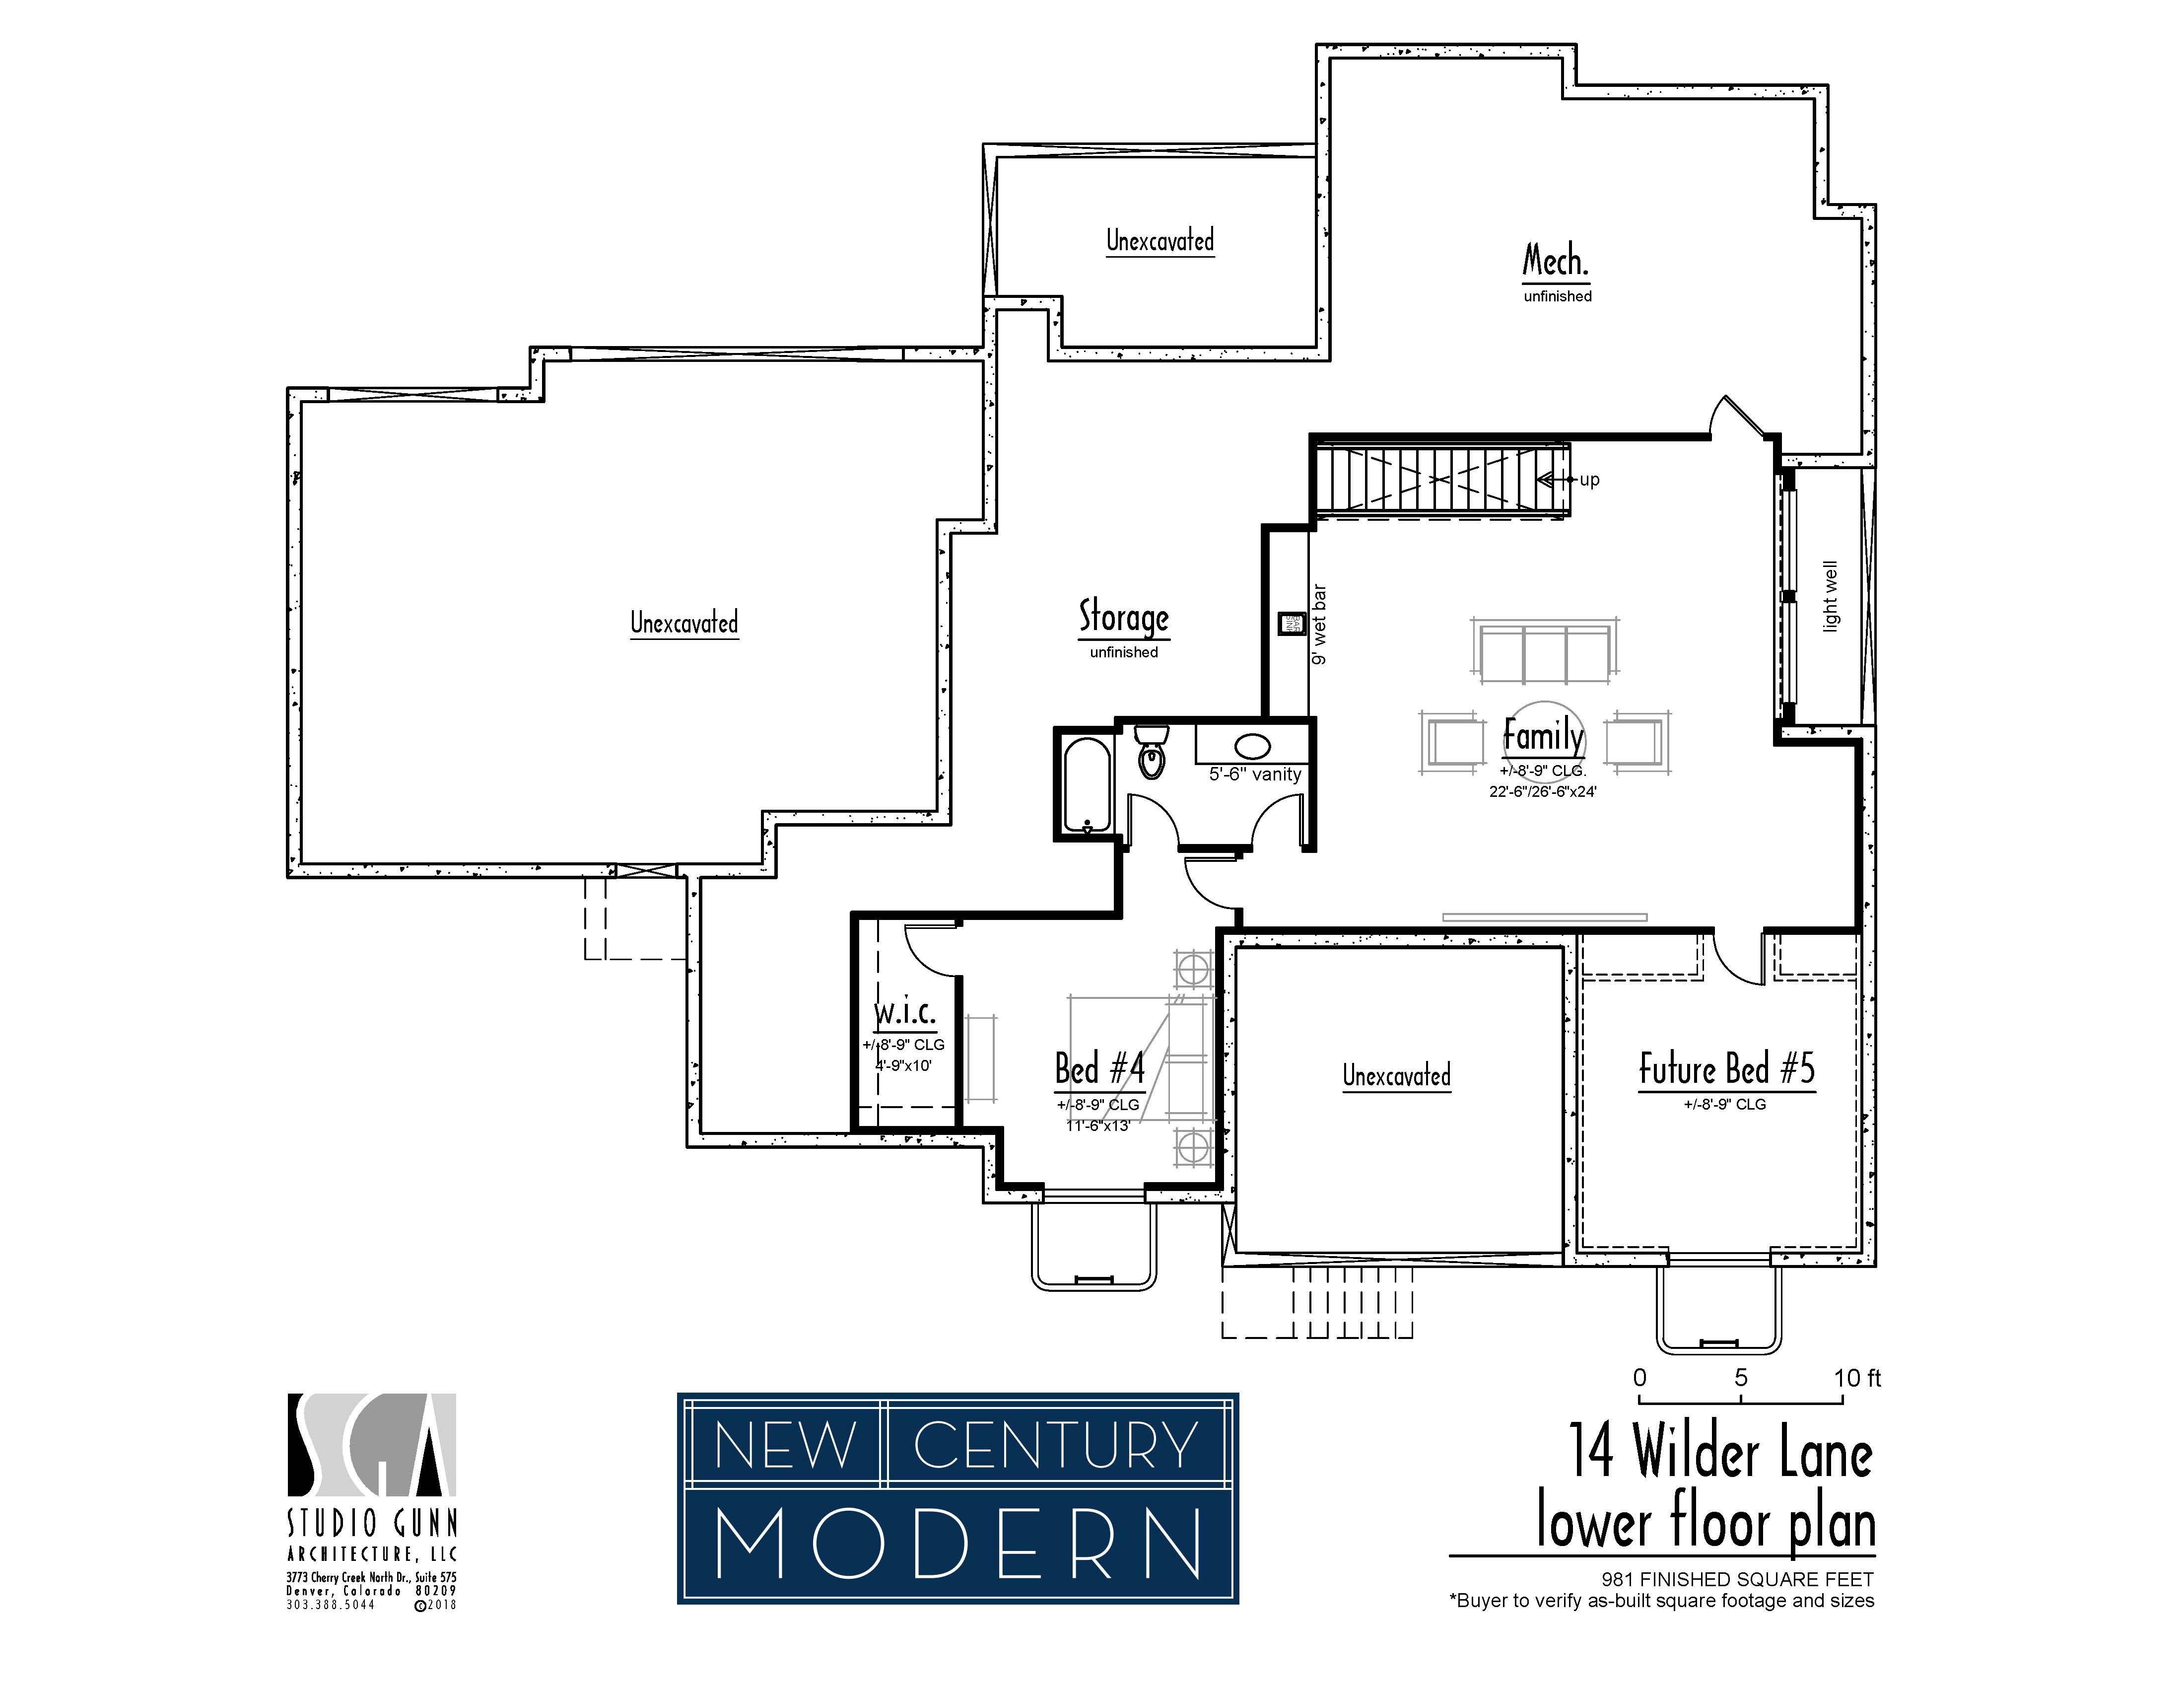 14 WL Lower Floor 01.29.18